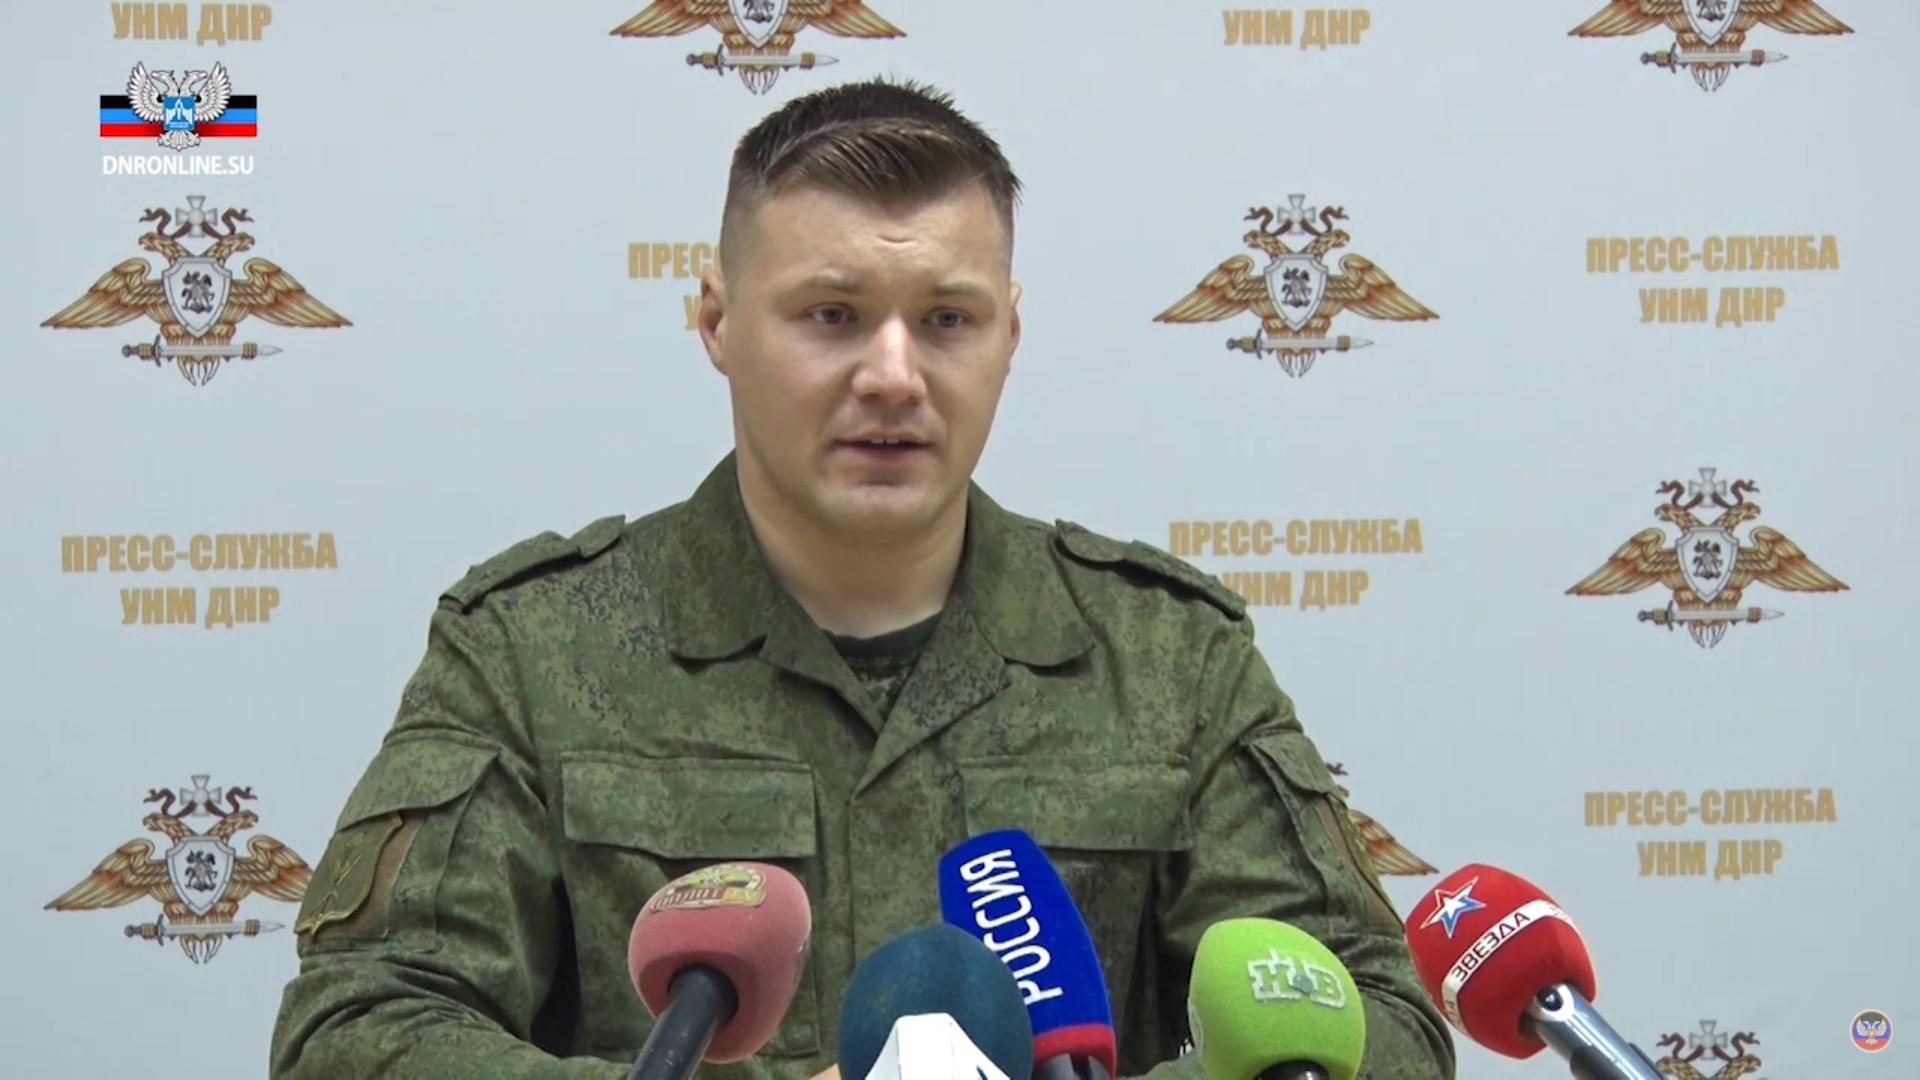 Сводка УНМ ДНР за 2 декабря